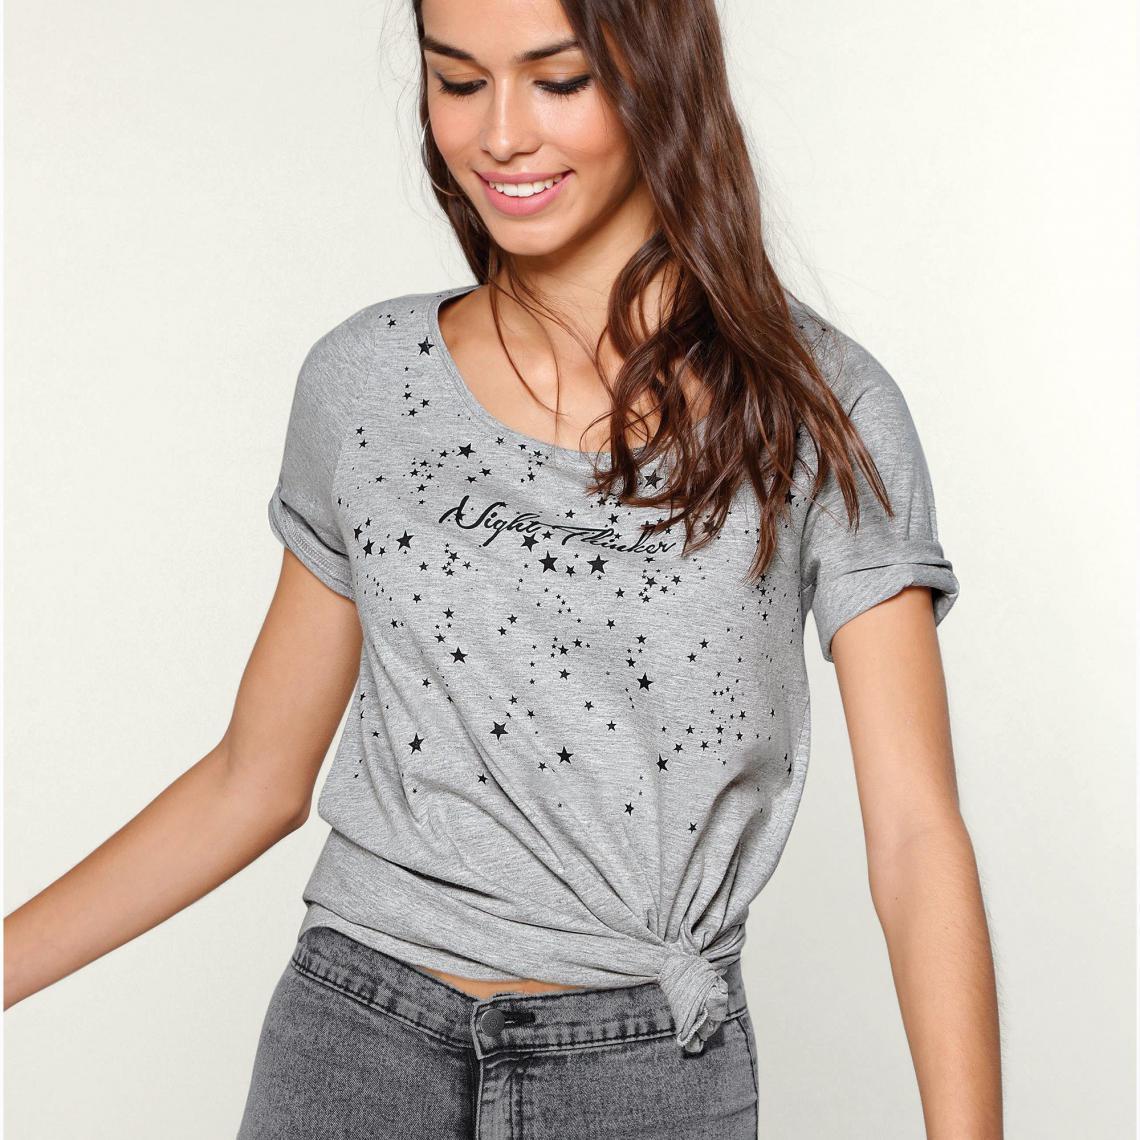 Tee-shirt imprimé manches aux coudes femme Exclusivité 3SUISSES - gris  chiné 3 SUISSES Femme cb94637c114